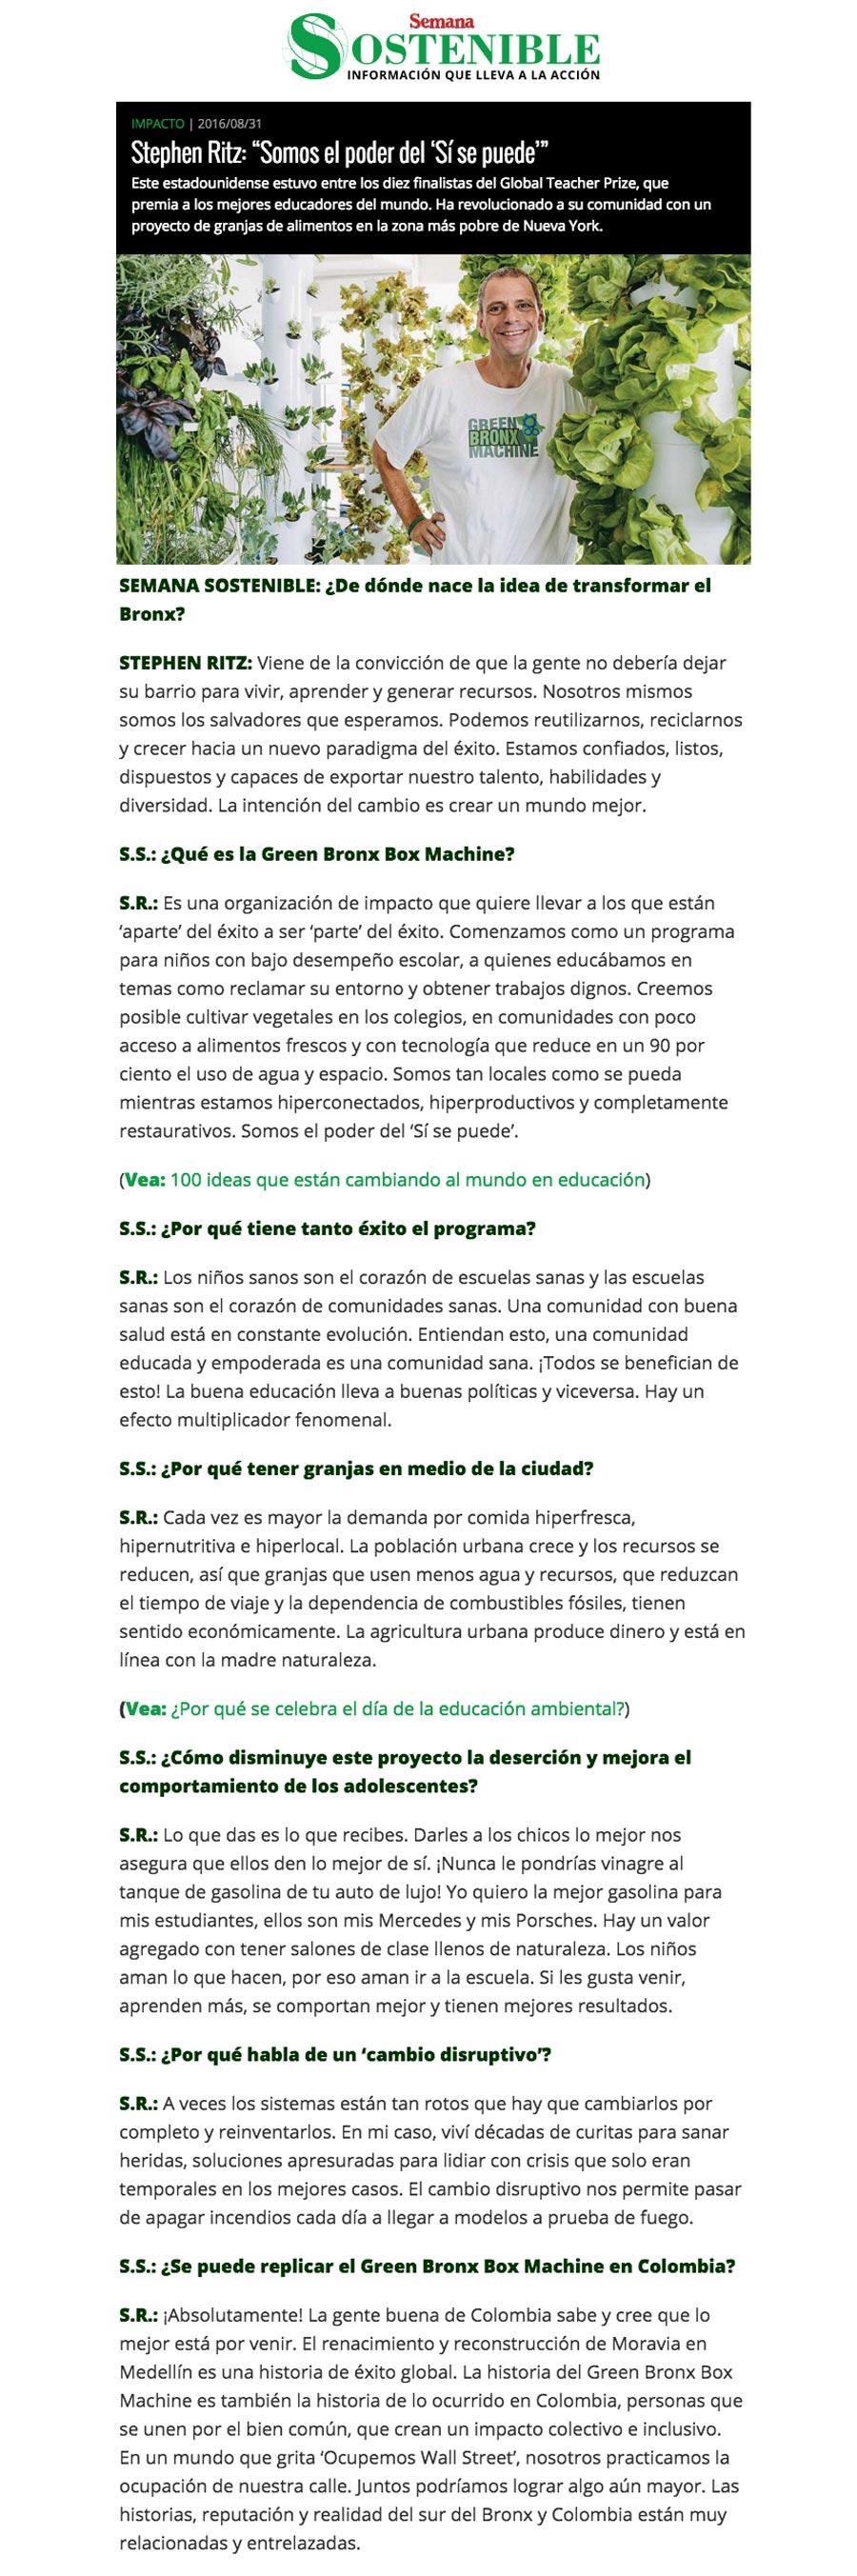 """Semana Sostenible - Stephen Ritz: """"Somos el poder del 'Sí se puede'"""""""